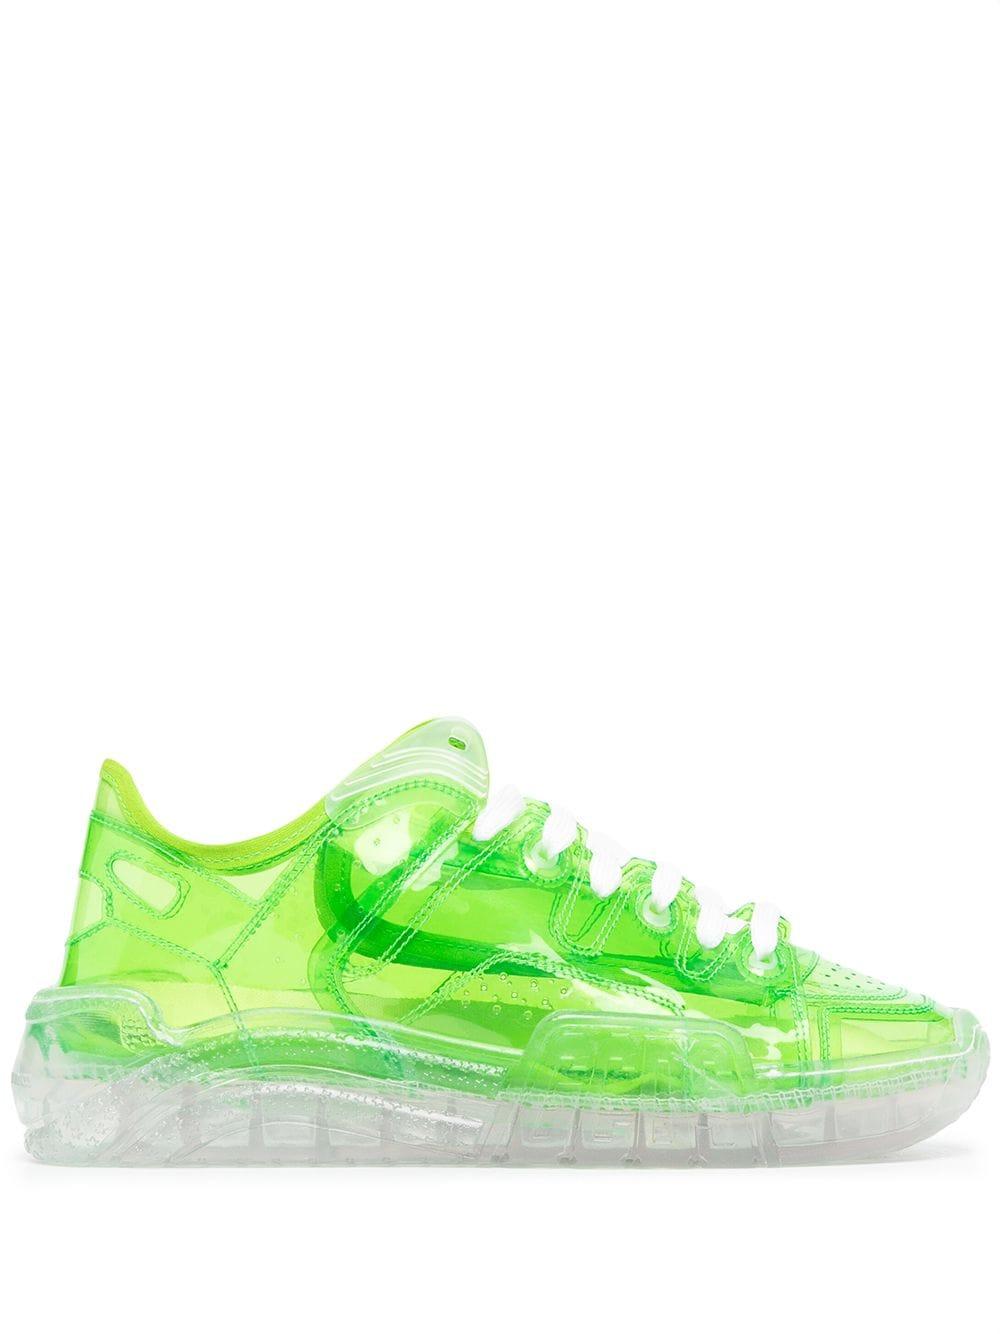 SNEAKERS FLUO GCDS | Sneaker | SS21M010003LIME